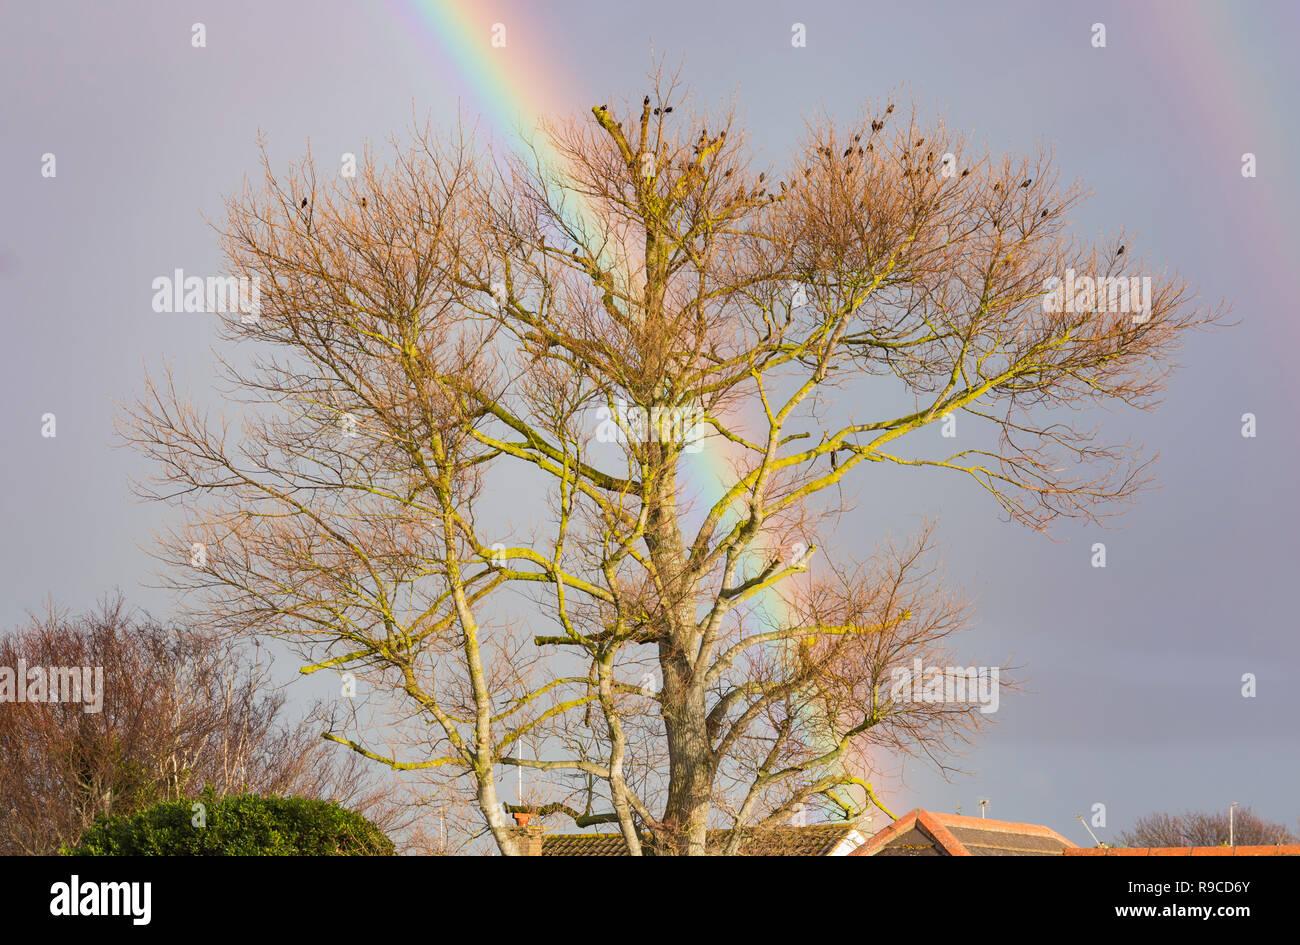 Un arc-en-ciel colorés derrière un gros arbre dans le ciel et les nuages sombres, en hiver au Royaume-Uni. Photo Stock